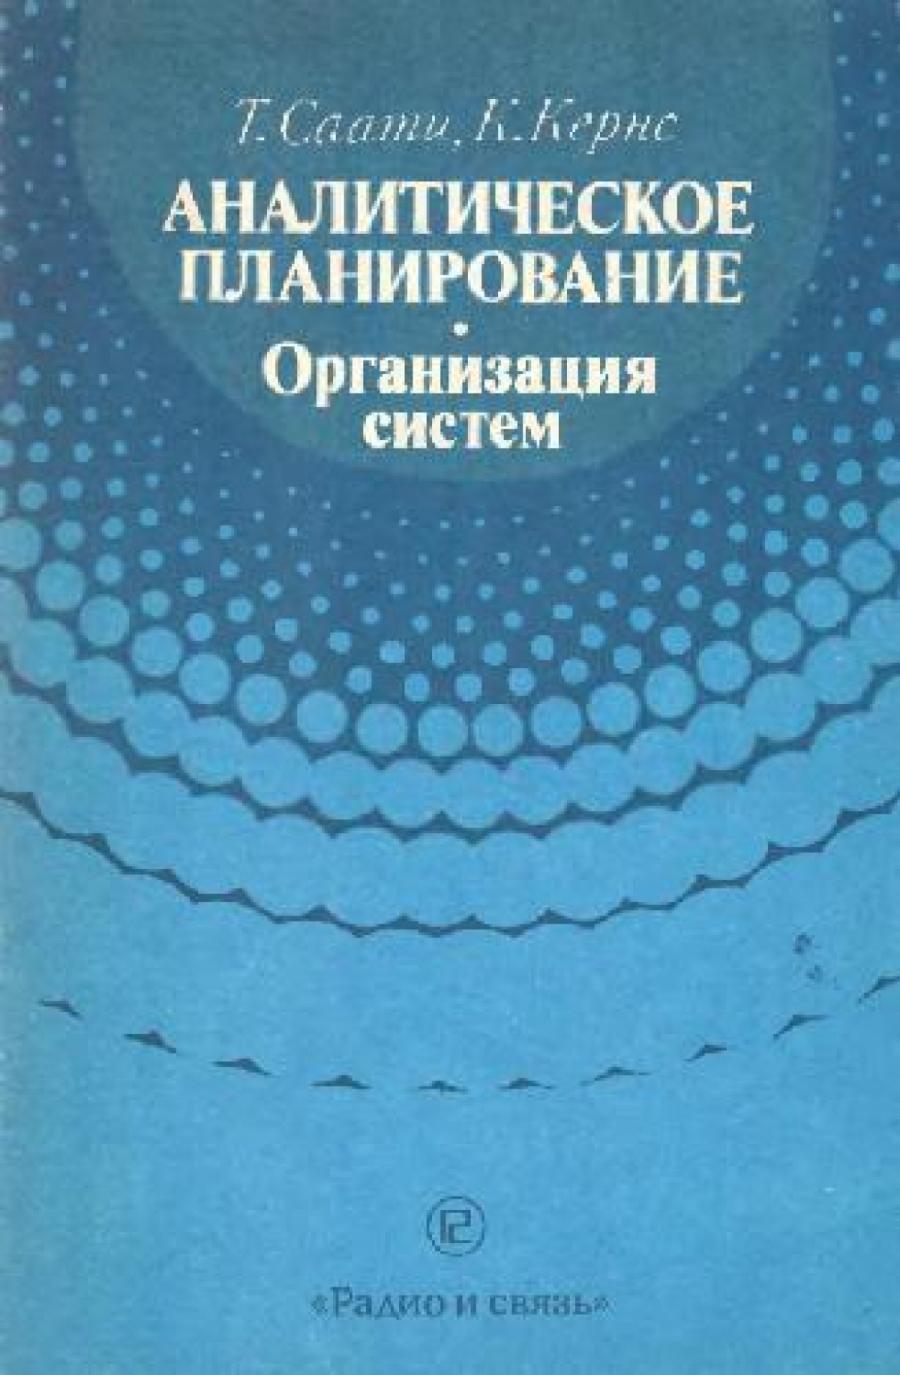 Обложка книги:  т. саати, к. кернс - аналитическое планирование. организация систем